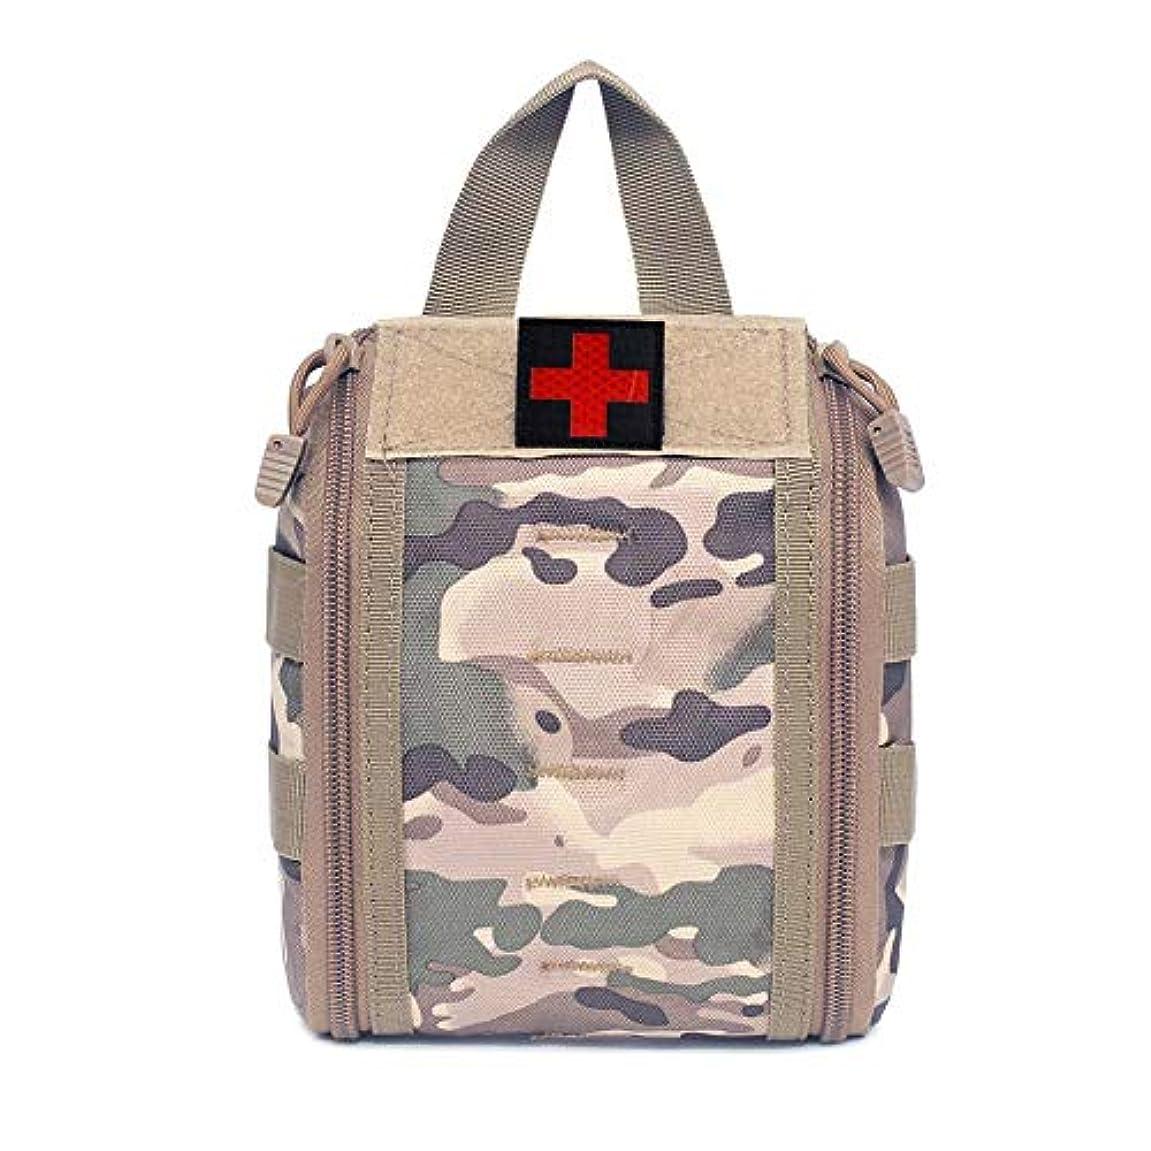 ミント支援ピザ家庭用、自動車用、キャンプ用、ハイキング用、仕事用、オフィス用、スポーツ用、ボート用、サバイバル用、旅行用の救急箱 - 小型軽量の救急箱